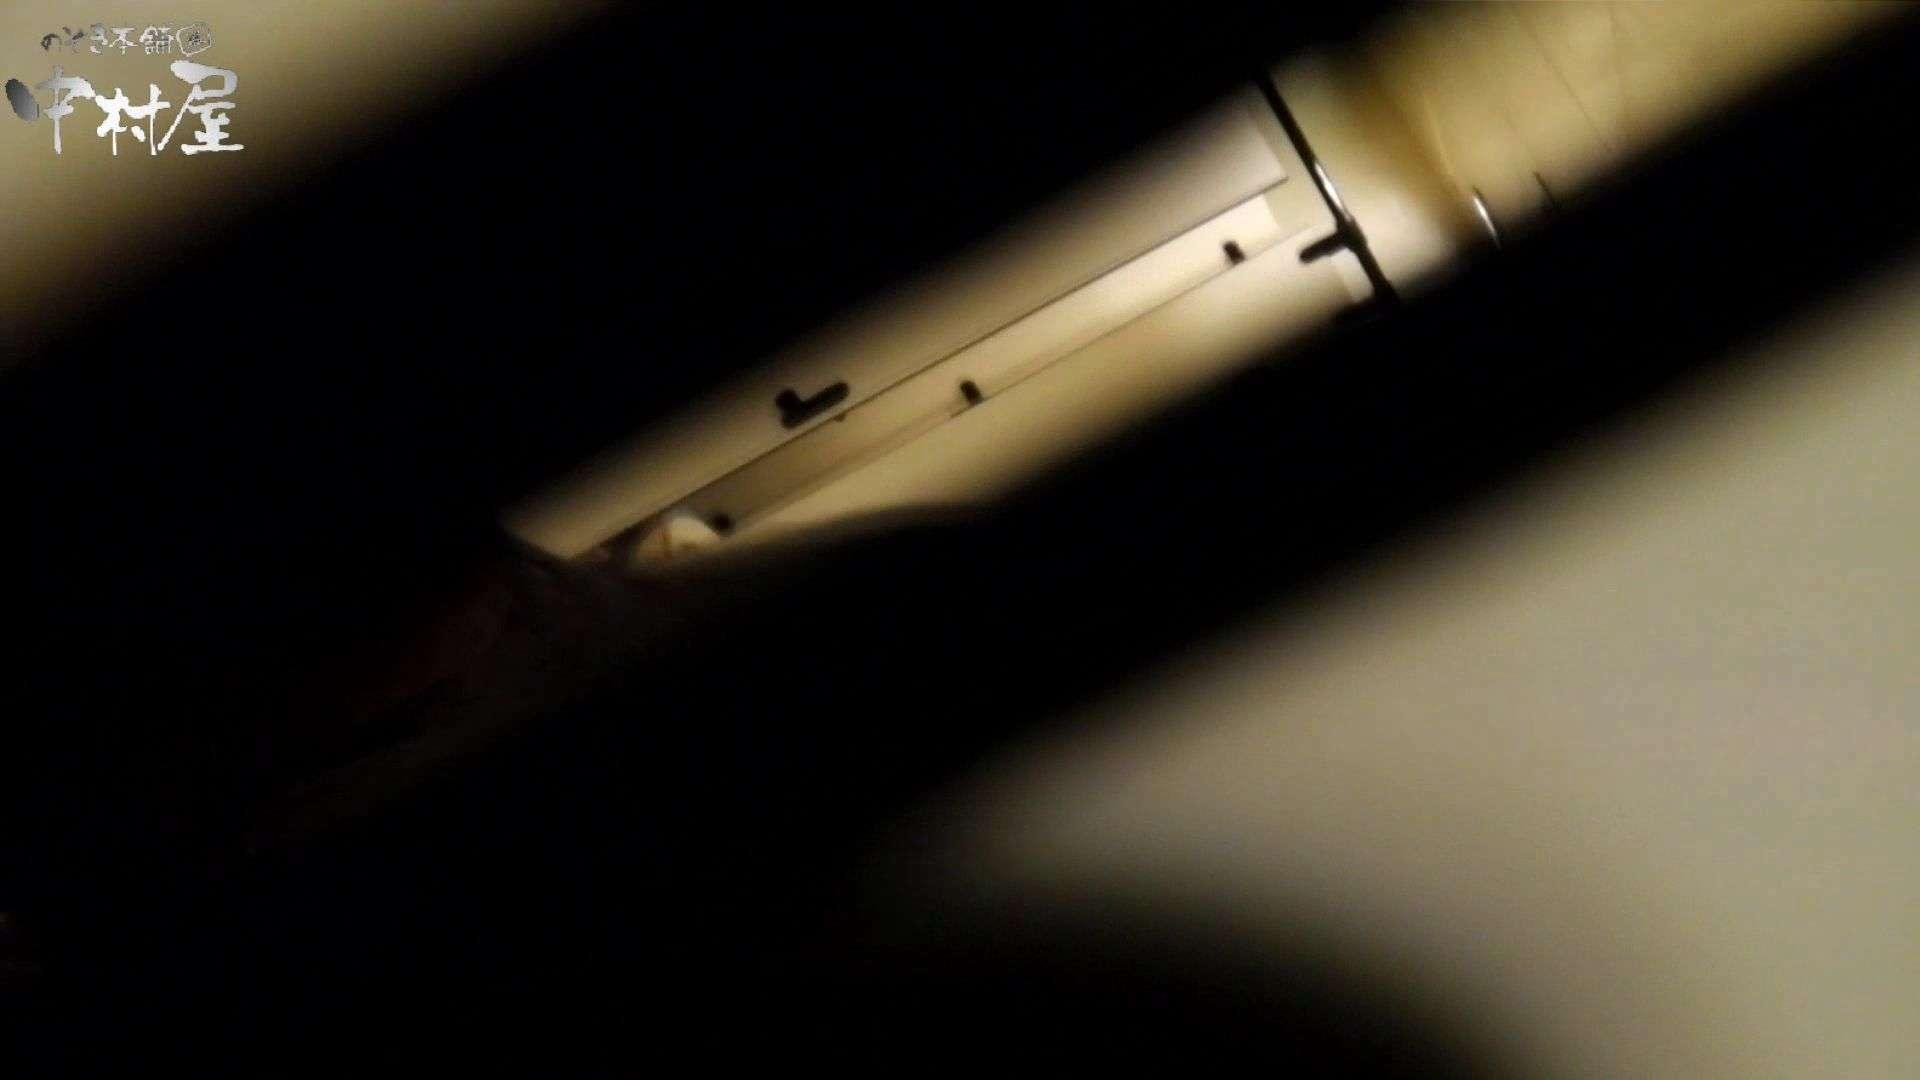 新世界の射窓 No72 モデル級なら個室から飛び出て追っかけます モデルヌード | 洗面所  81pic 66